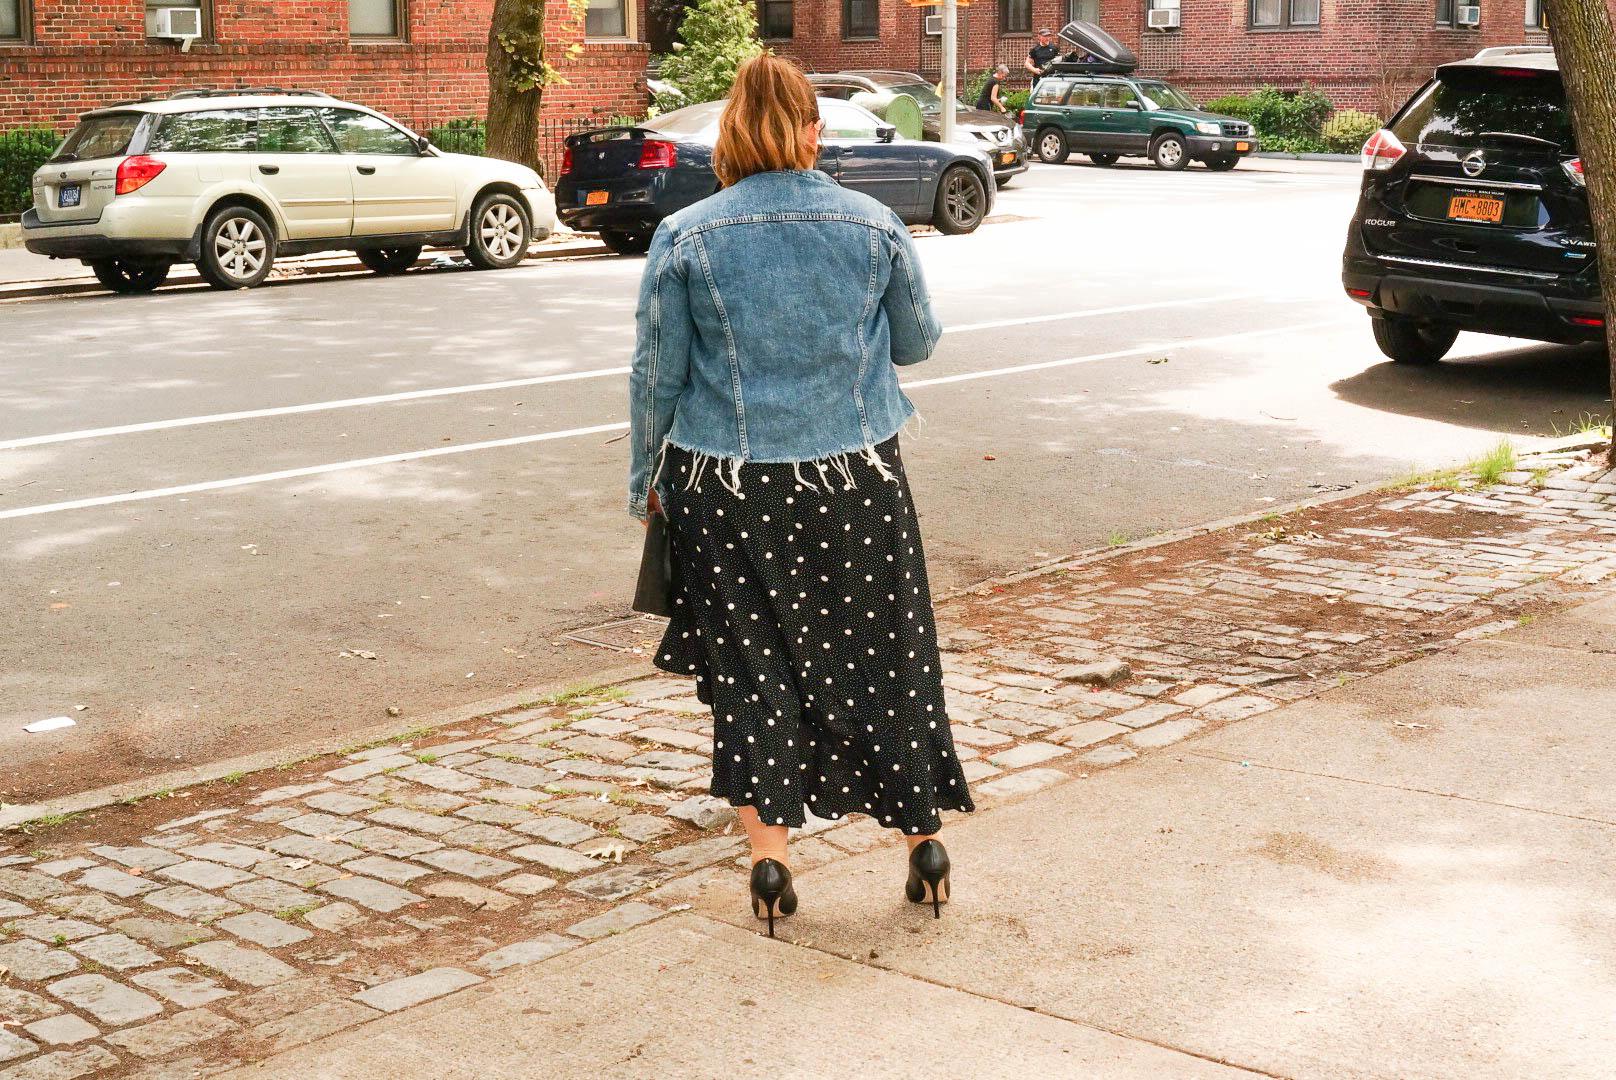 Polka Dot Dress - Back view